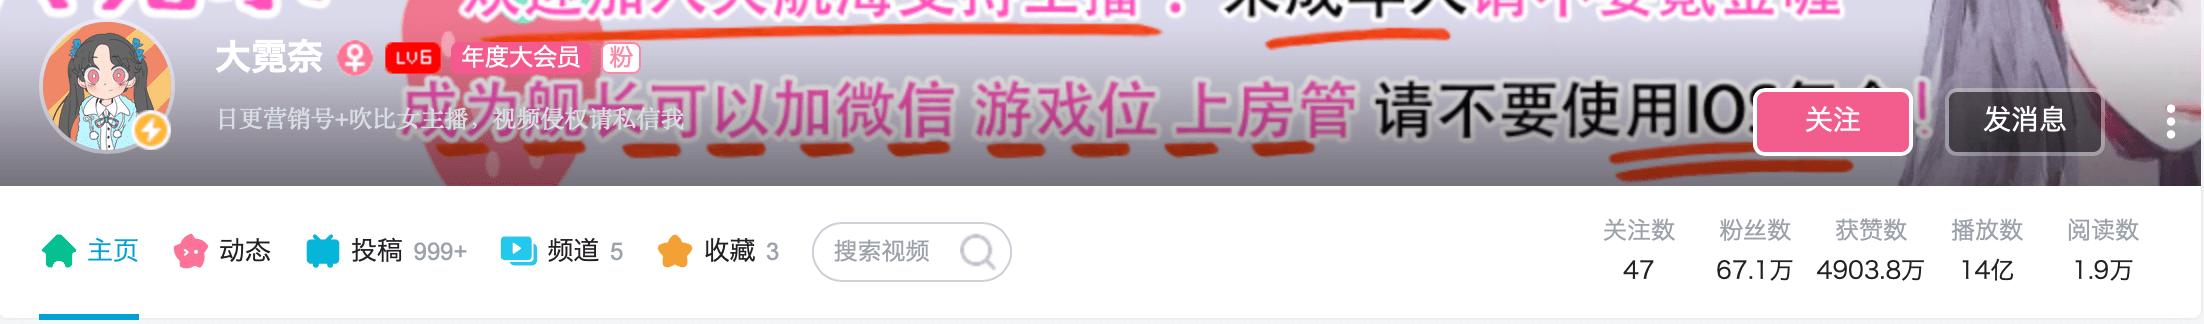 """营销号一天投稿几十条、播放量超""""老番茄"""",B站何以成了""""卧龙寺app""""?"""